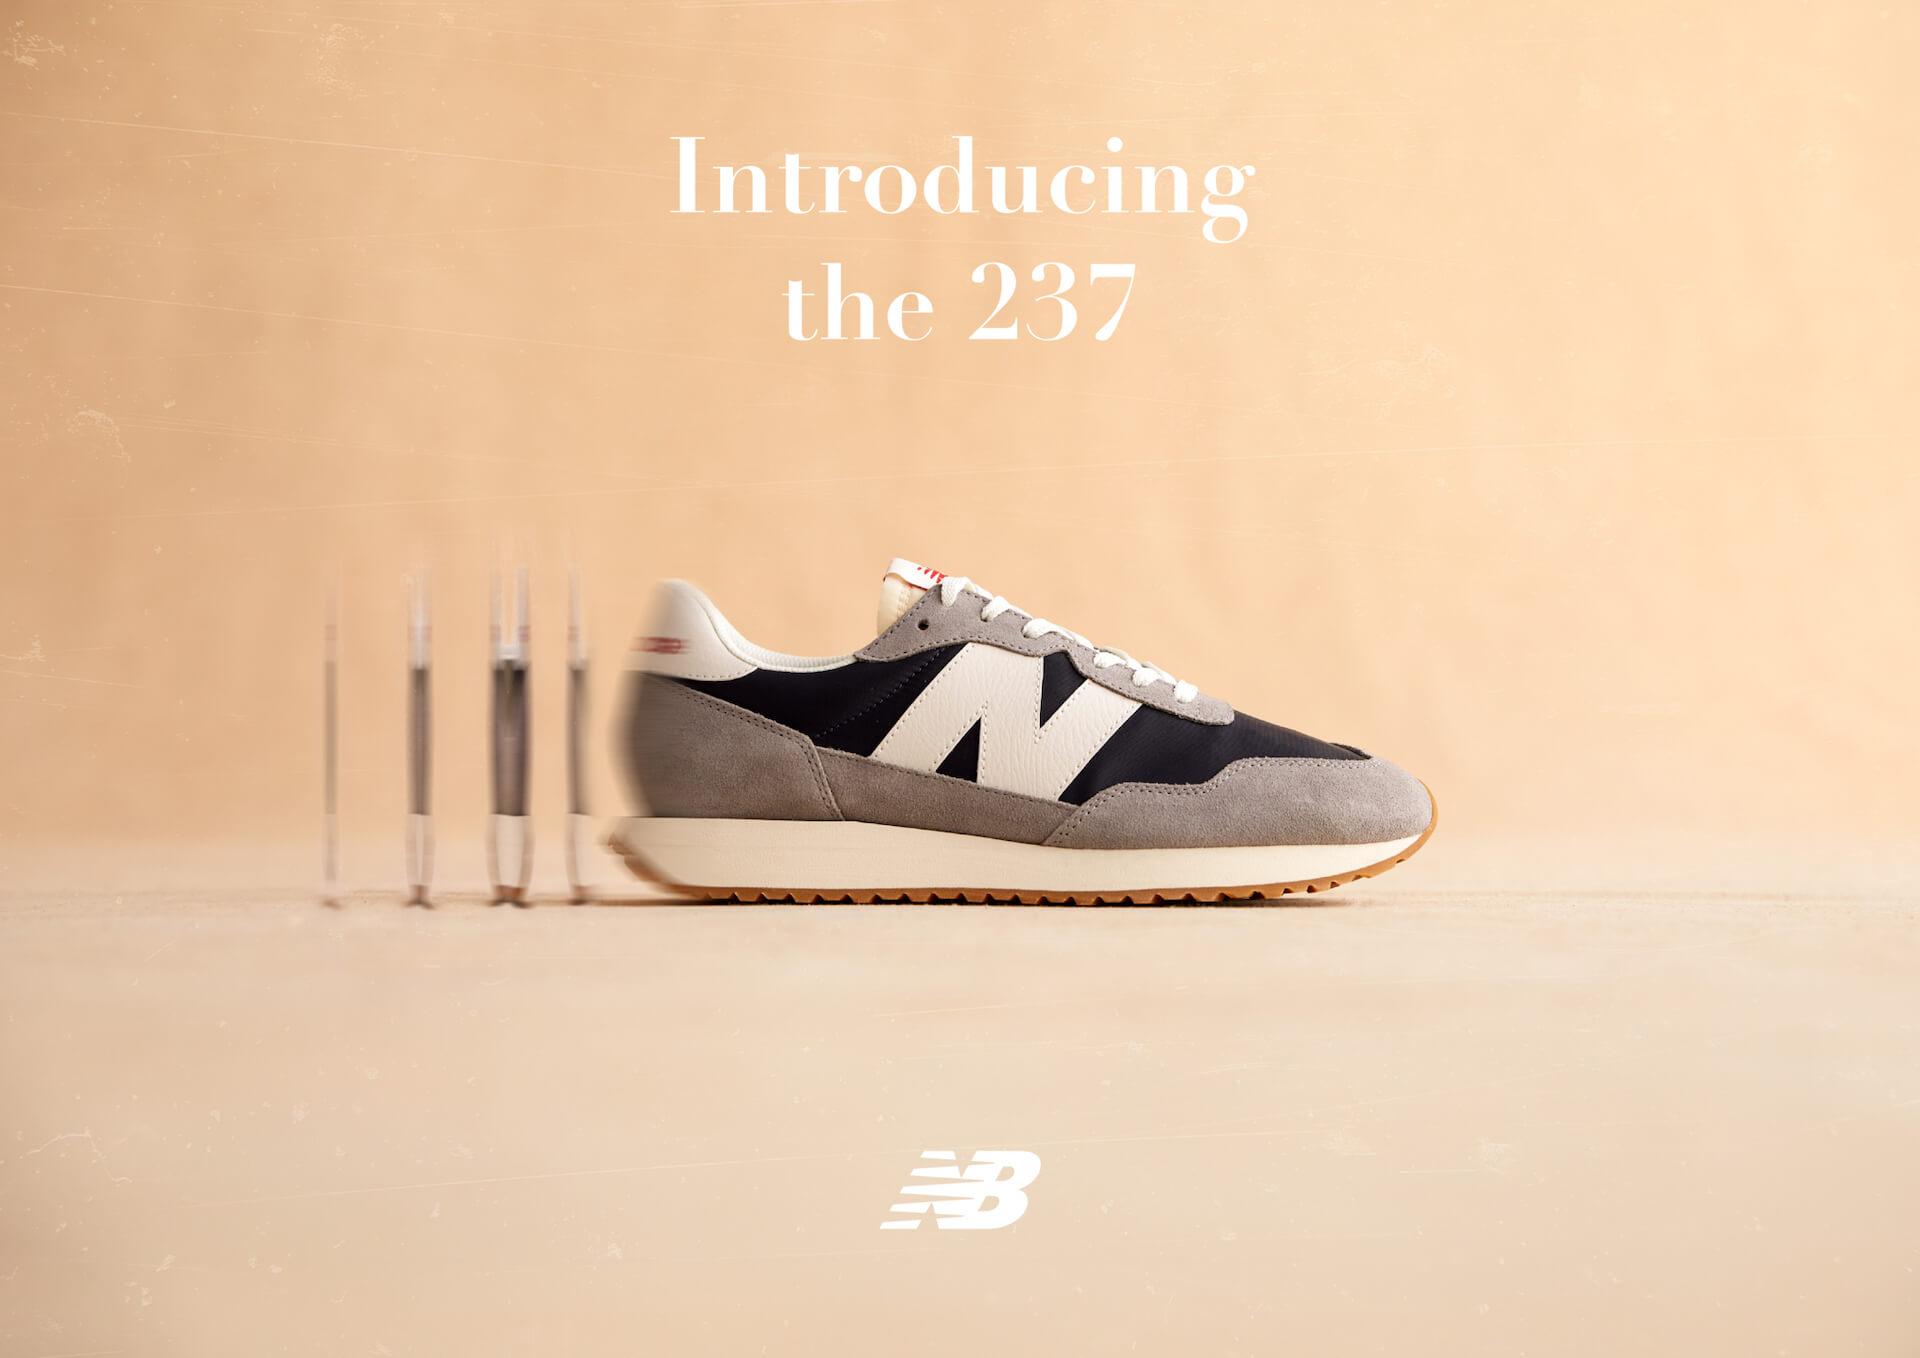 今年新発売のニューバランス「237」の新色が登場!グレー、ライトブルー、ホワイトなどが発売決定 life210426_newbalance_237_2